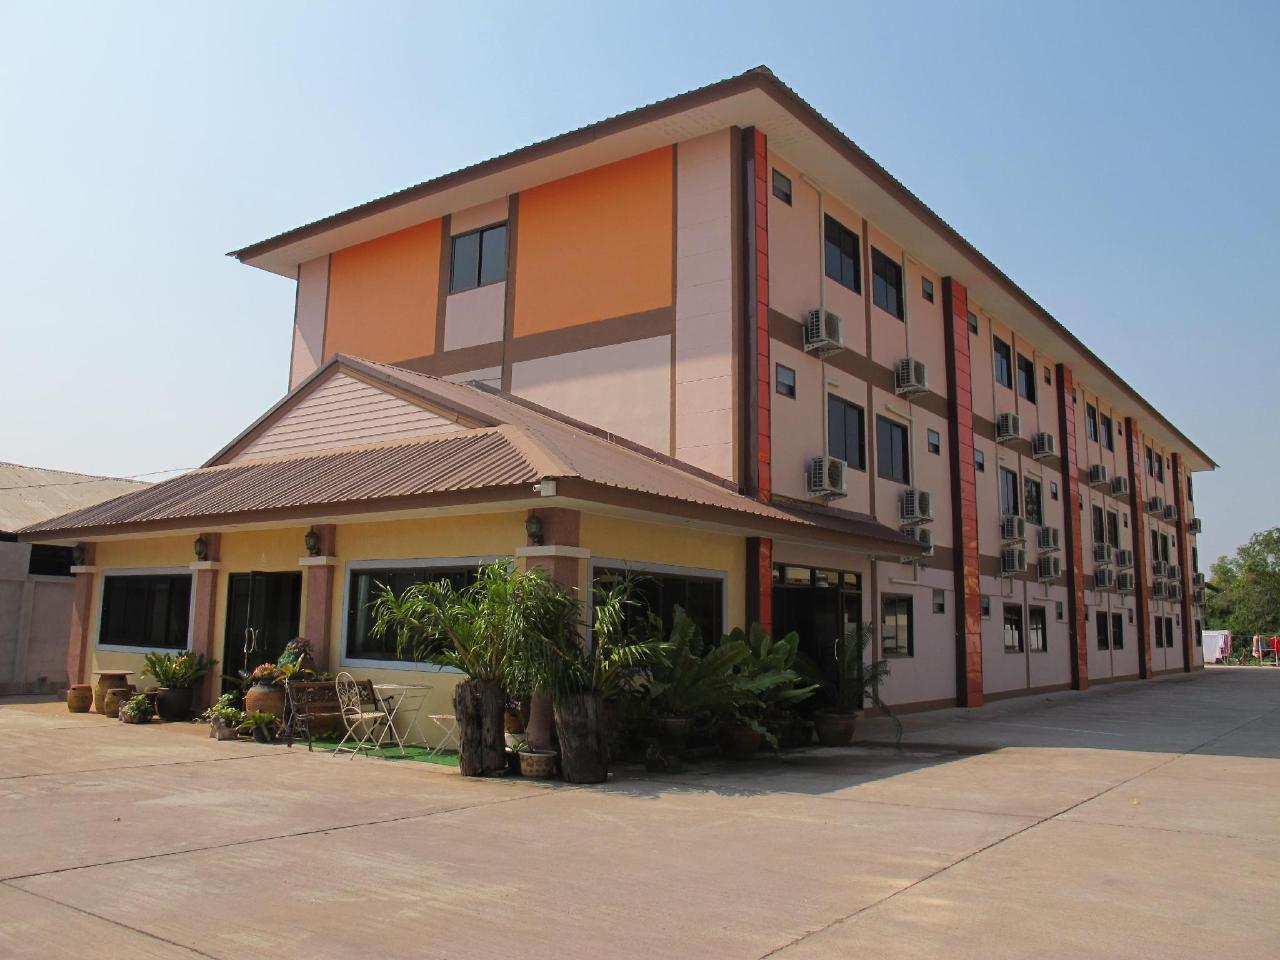 โรงแรมเดอะ สตาร์ (The Star Hotel)